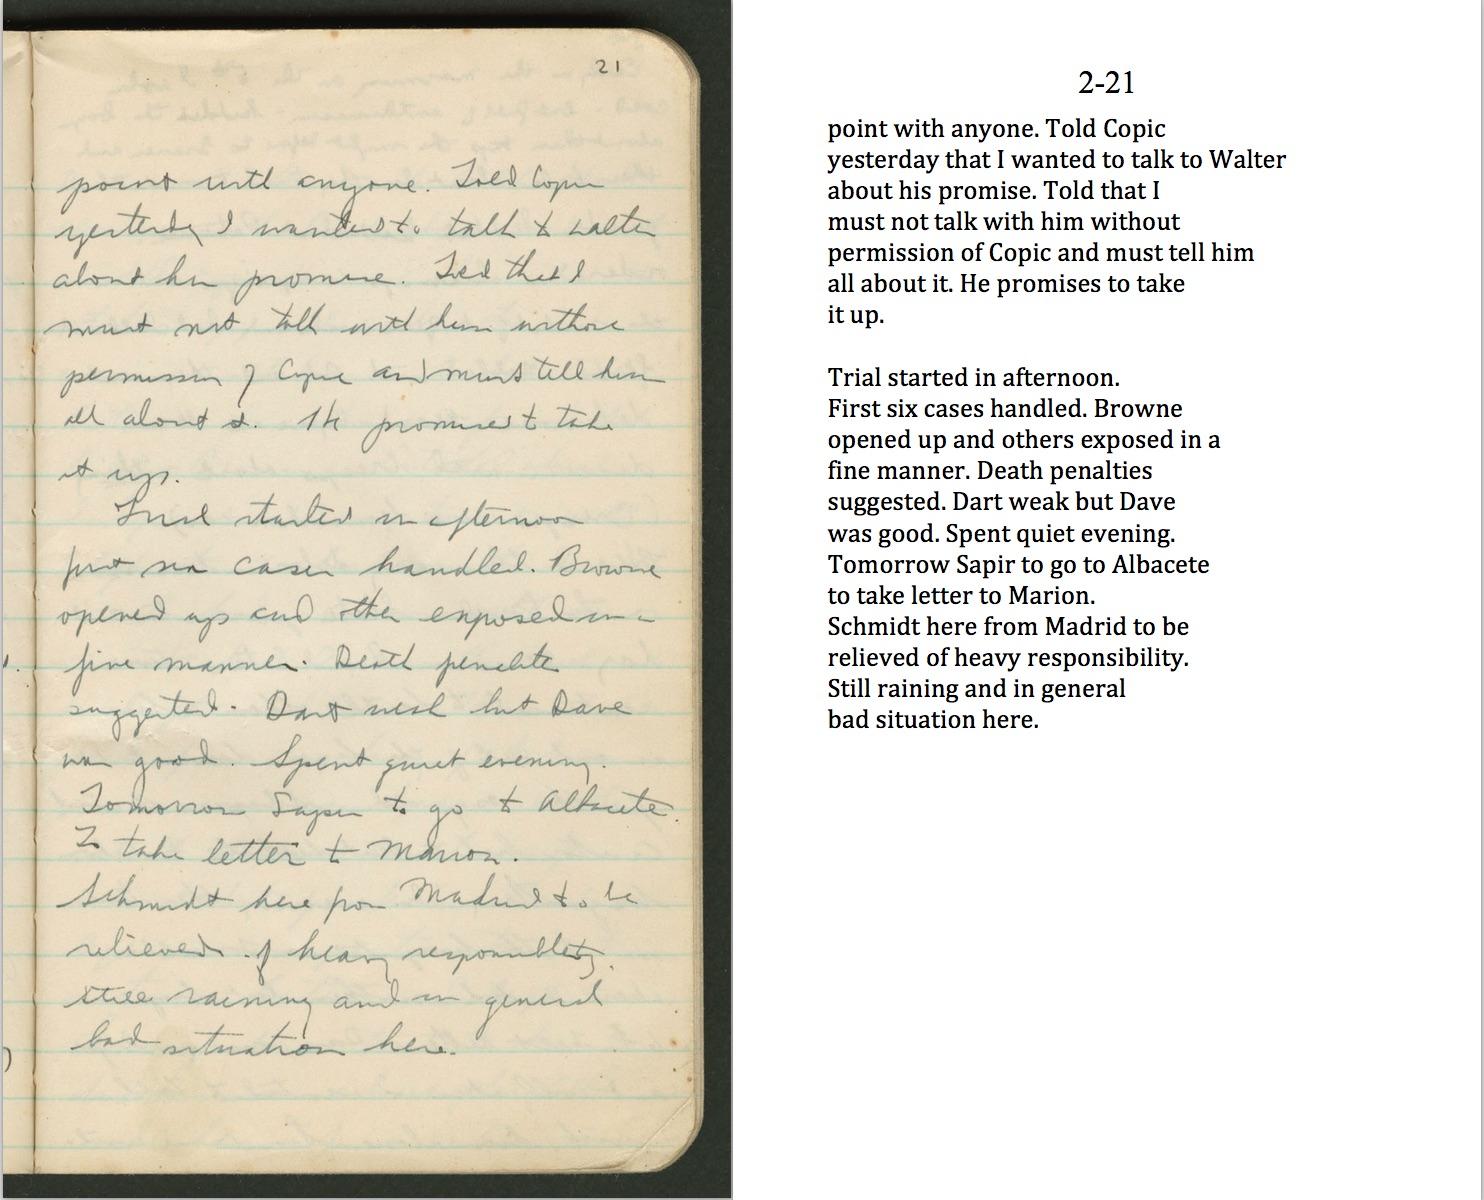 October 4, 1937